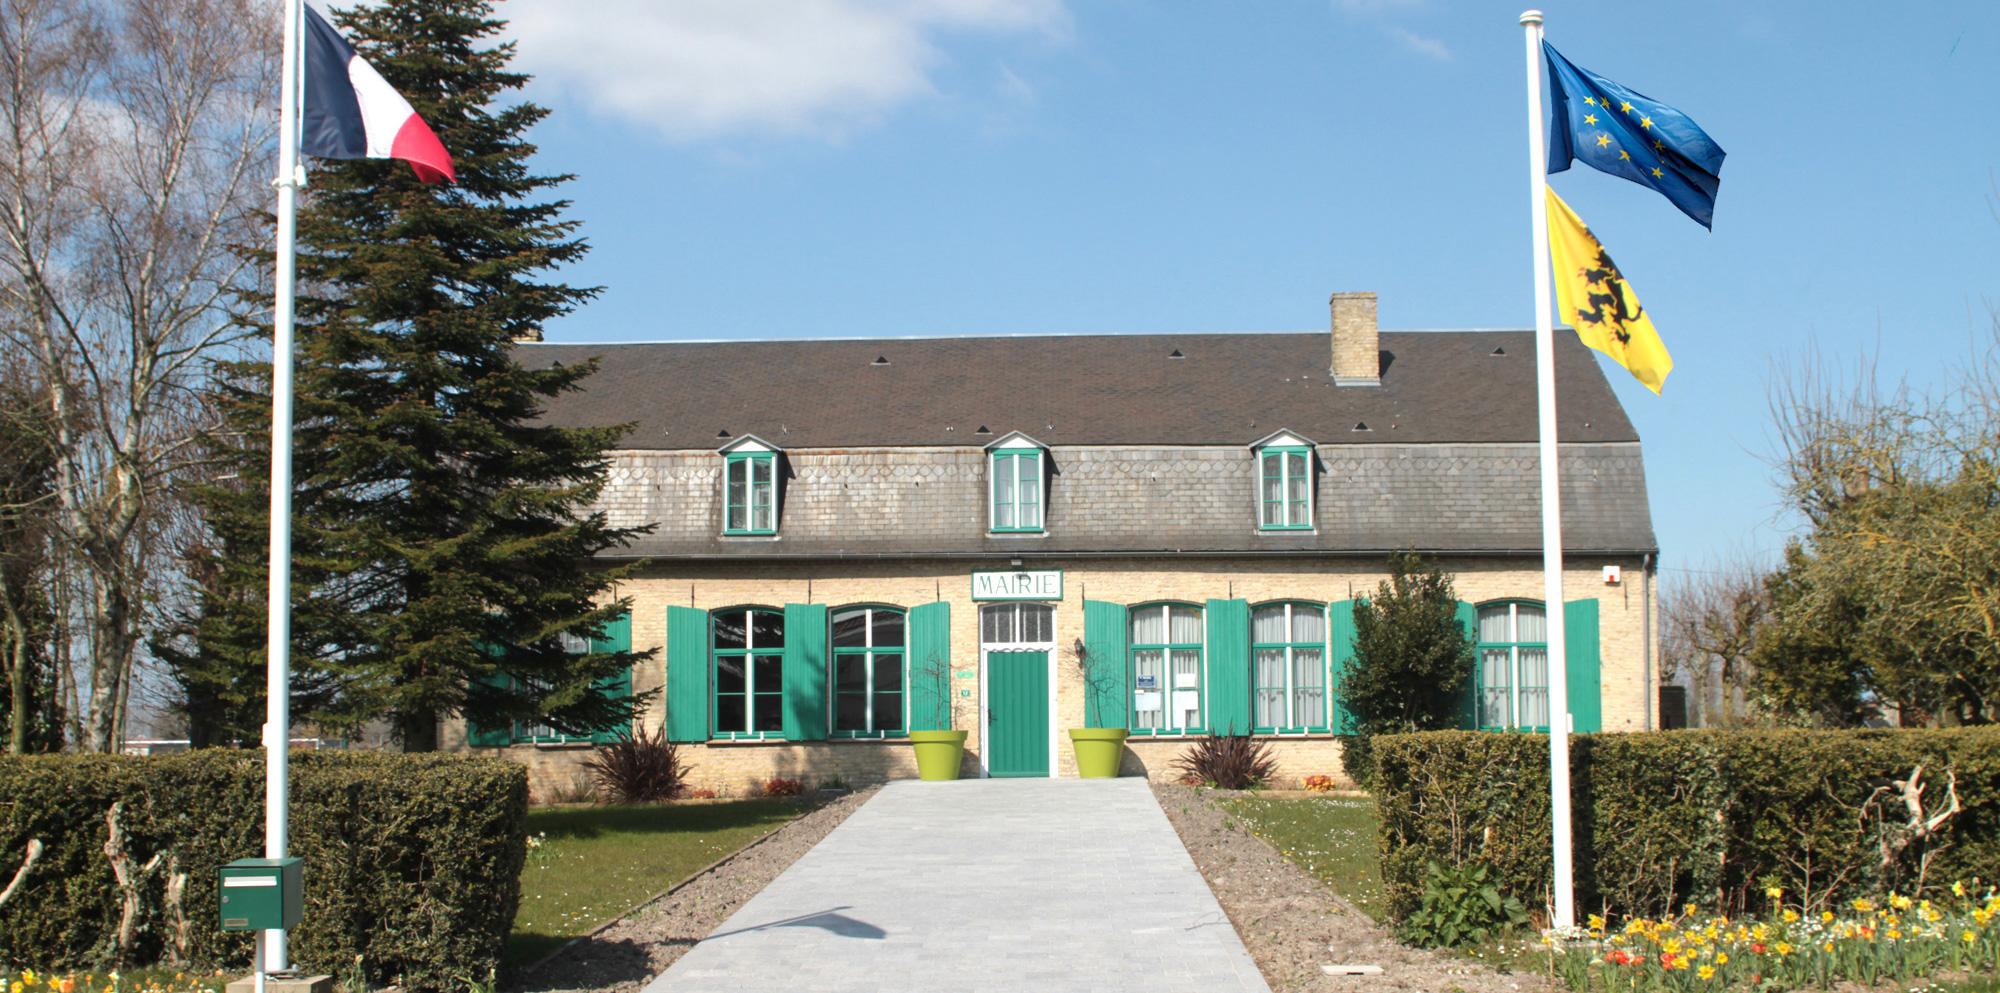 Mairie-Bierne3-BD.jpg